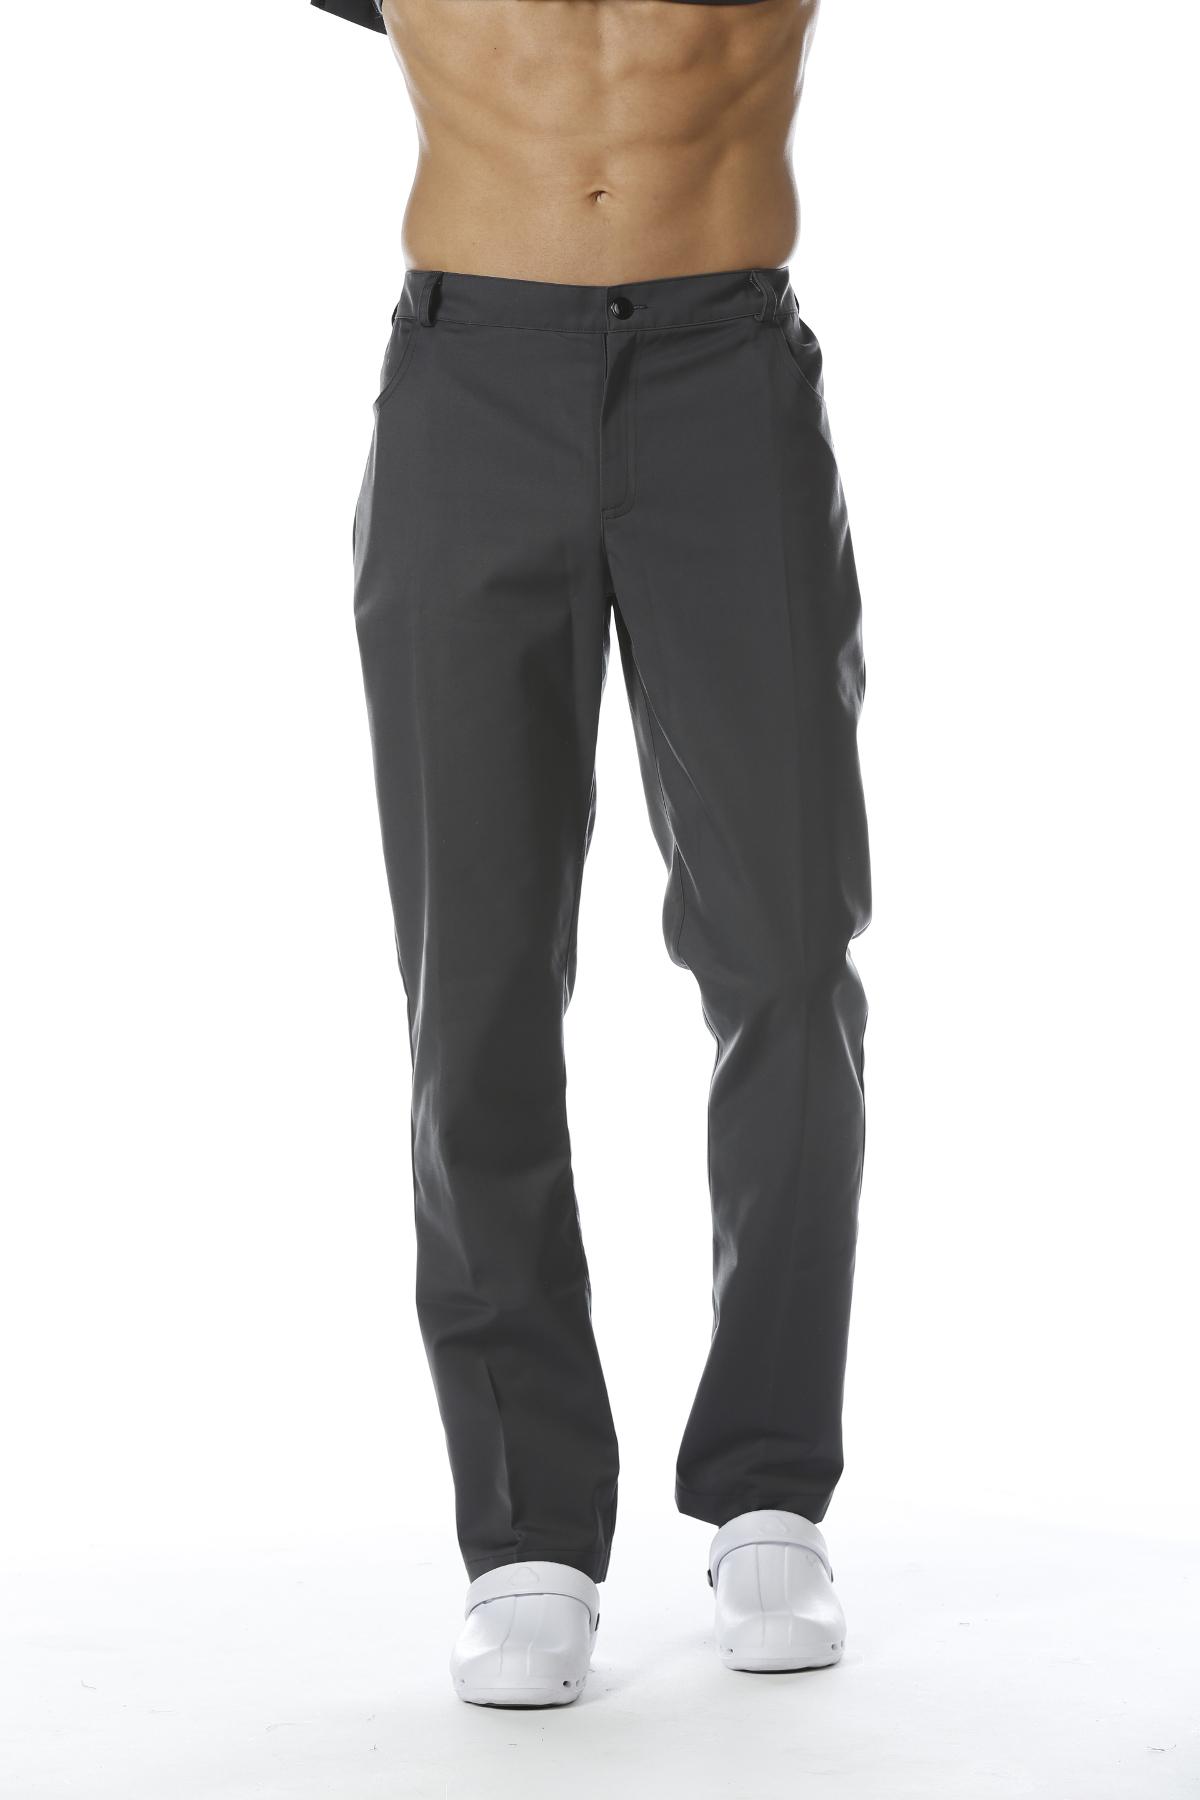 Pantalones Medicos Estirables Para Hombres Coleccion Estirable De Cmt 281